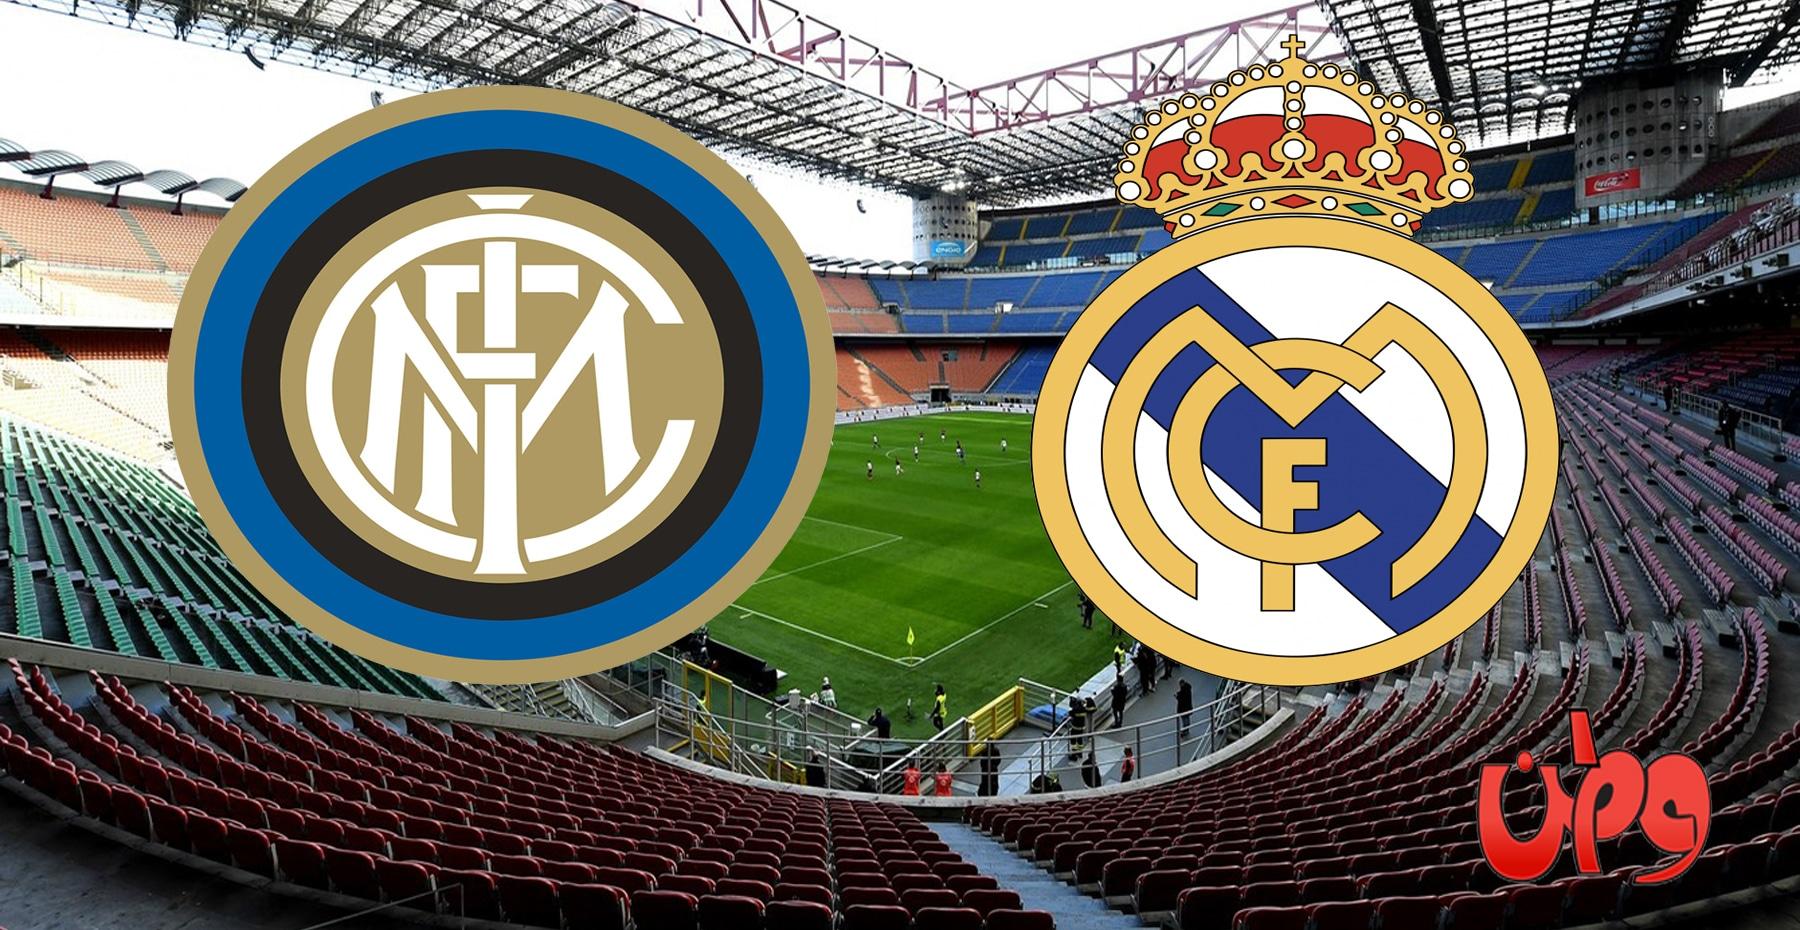 موعد مباراة ريال مدريد وإنتر ميلان والقنوات الناقلة في دوري أبطال أوروبا 2021